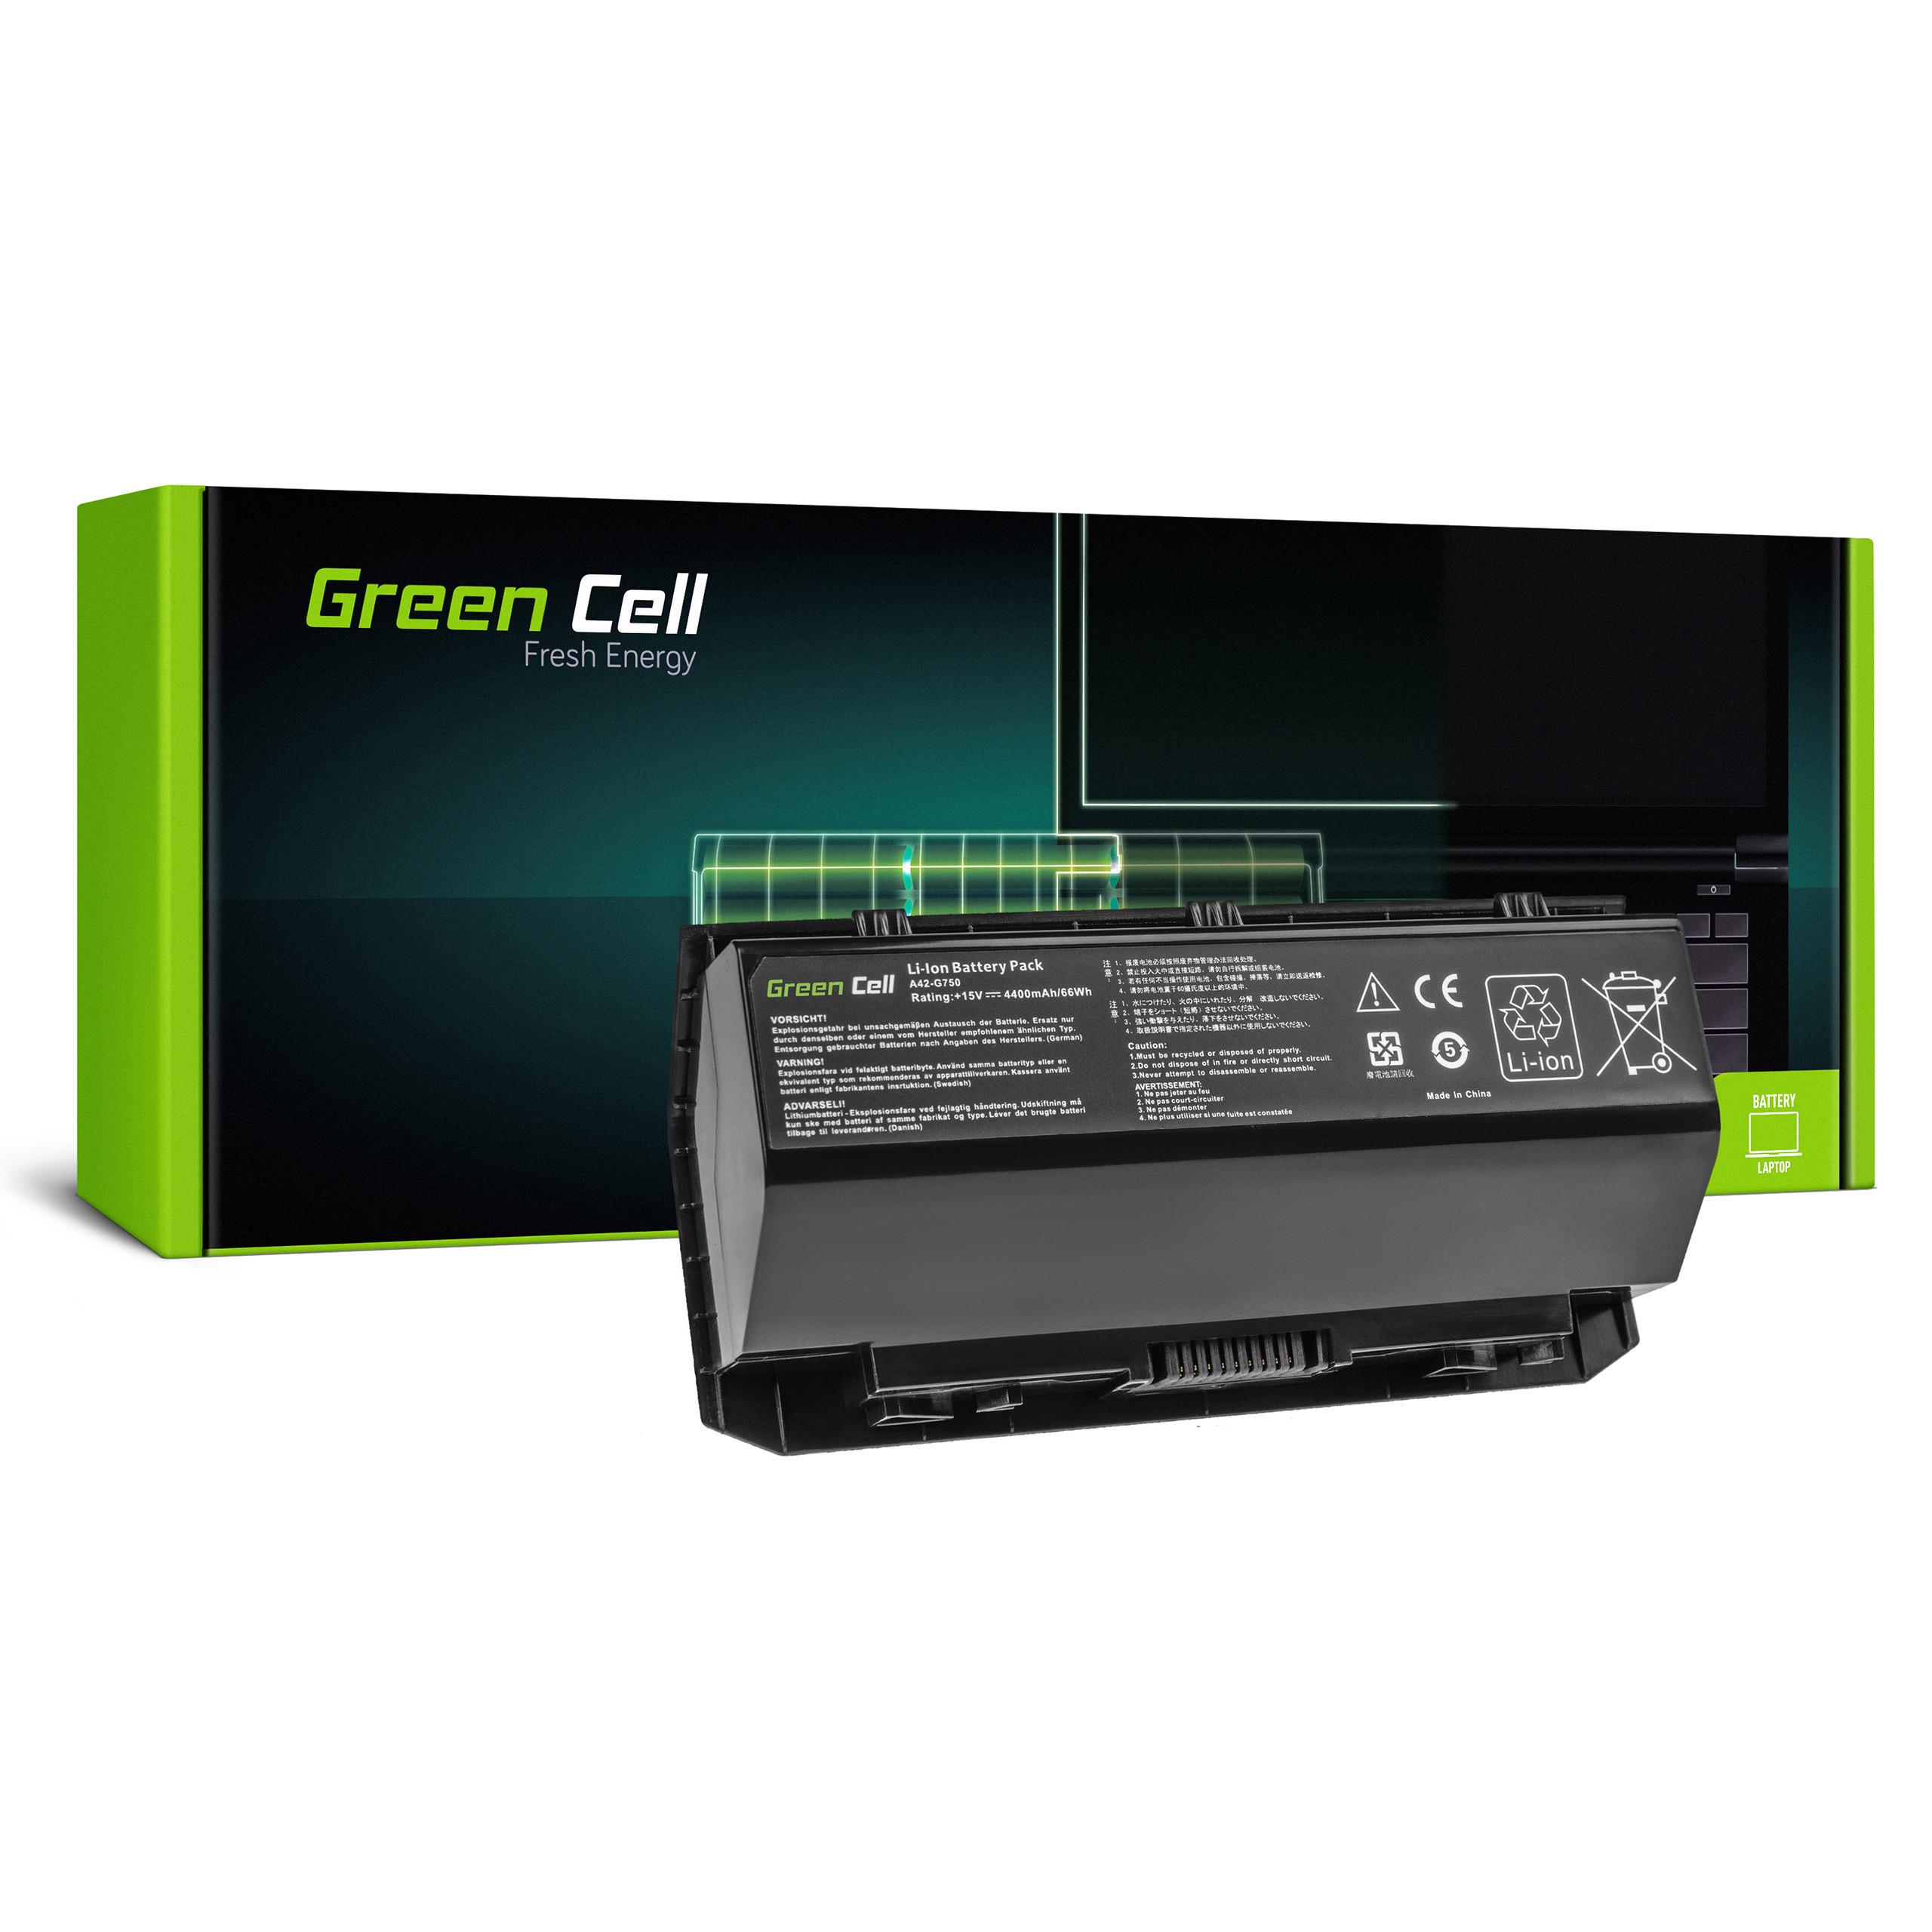 Green Cell Baterie A42-G750 pro Asus G750 G750J G750JH G750JM G750JS G750JW G750JX G750JZ